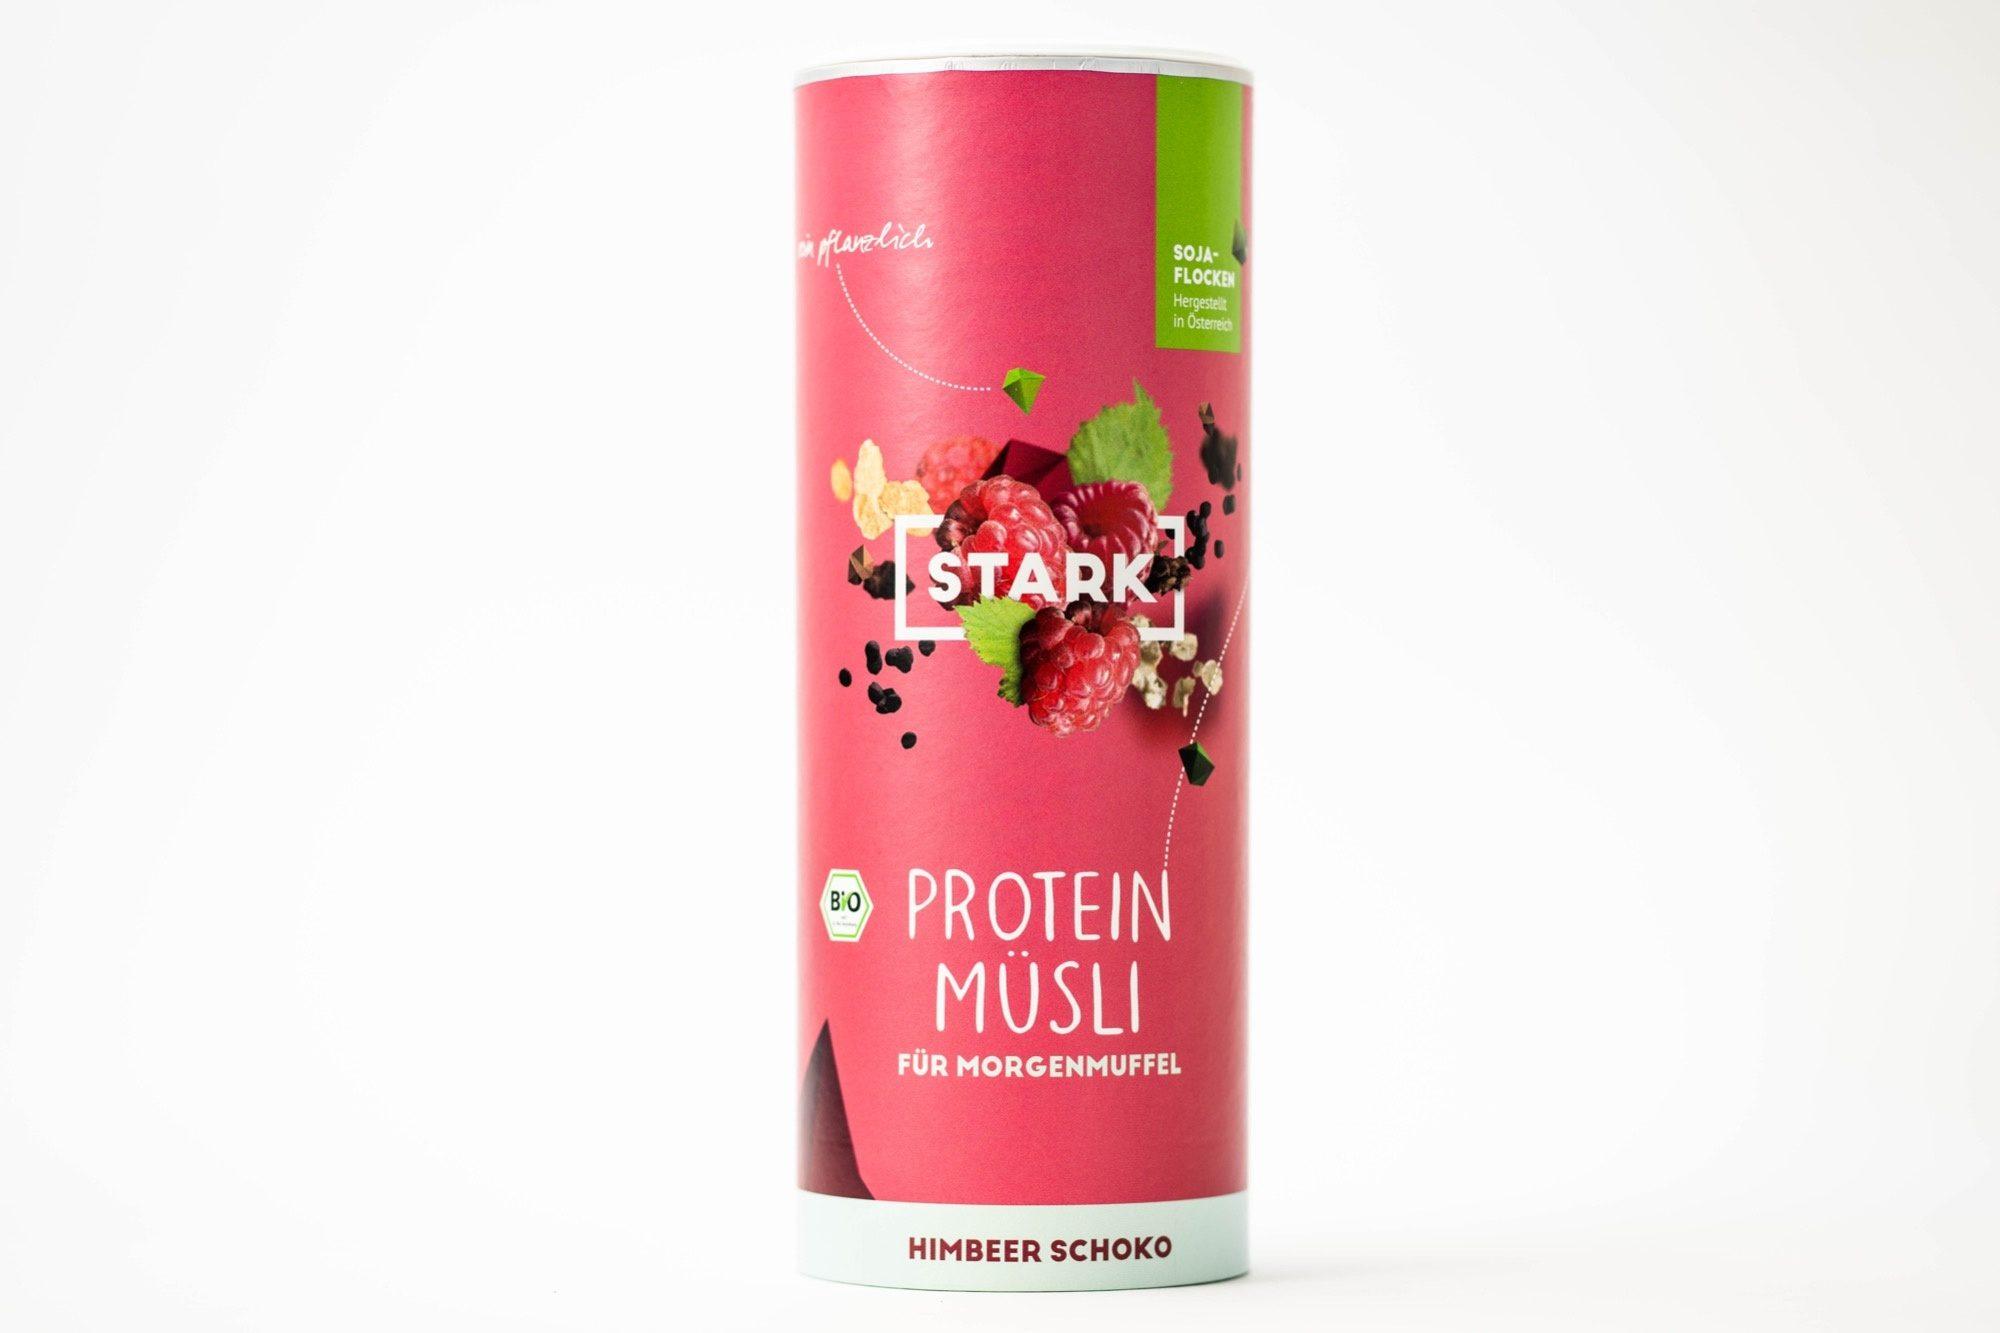 STARK Protein Müsli Himbeer Schoko - Product - de